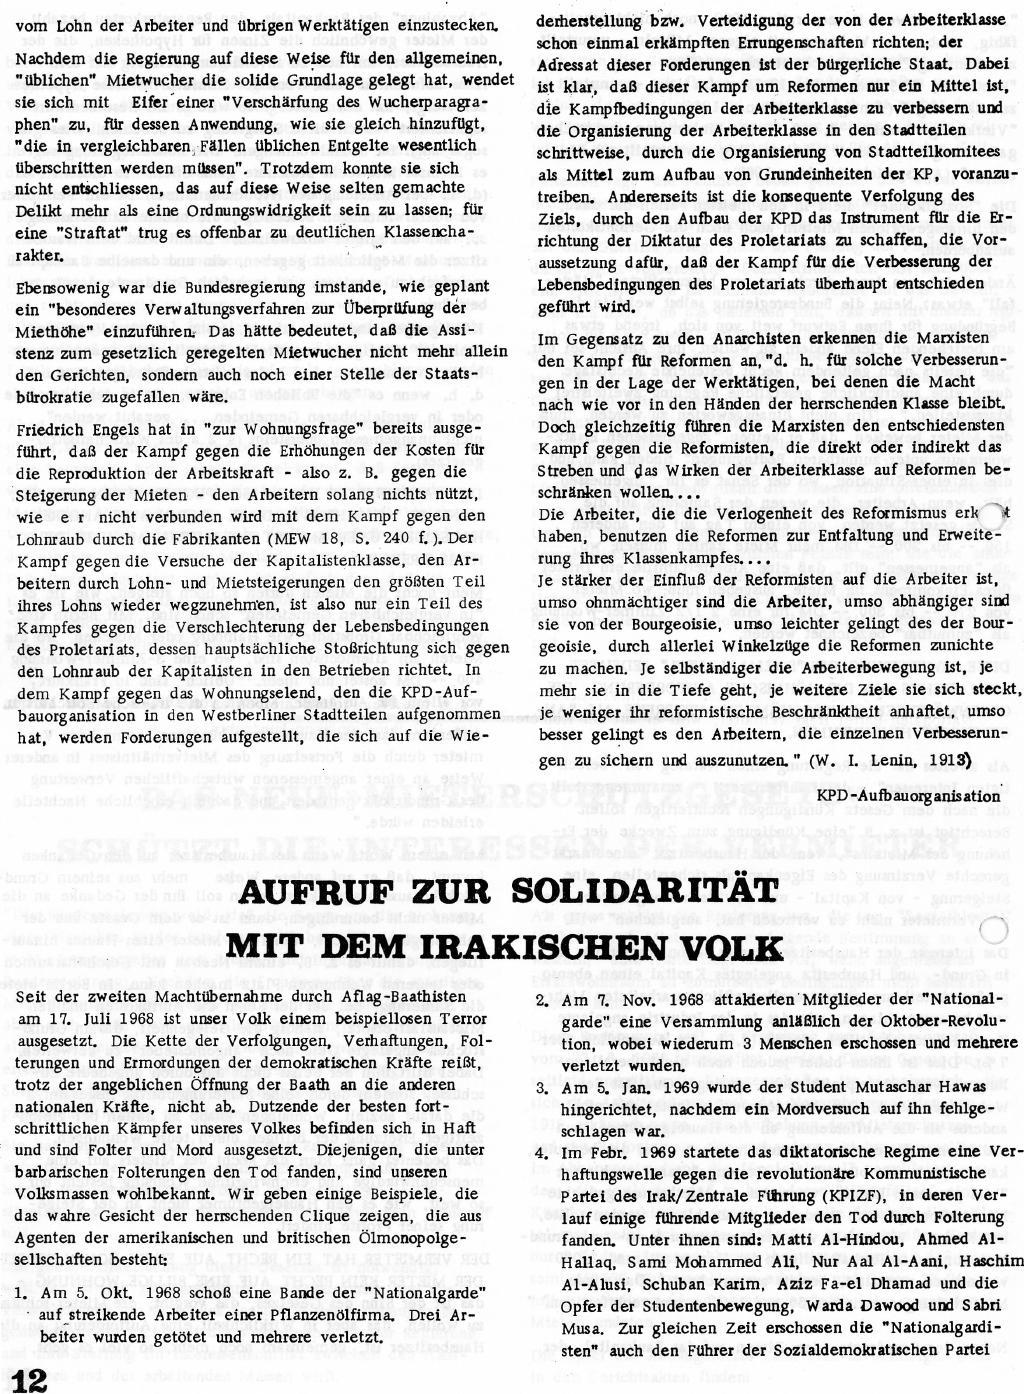 RPK_1970_092_12